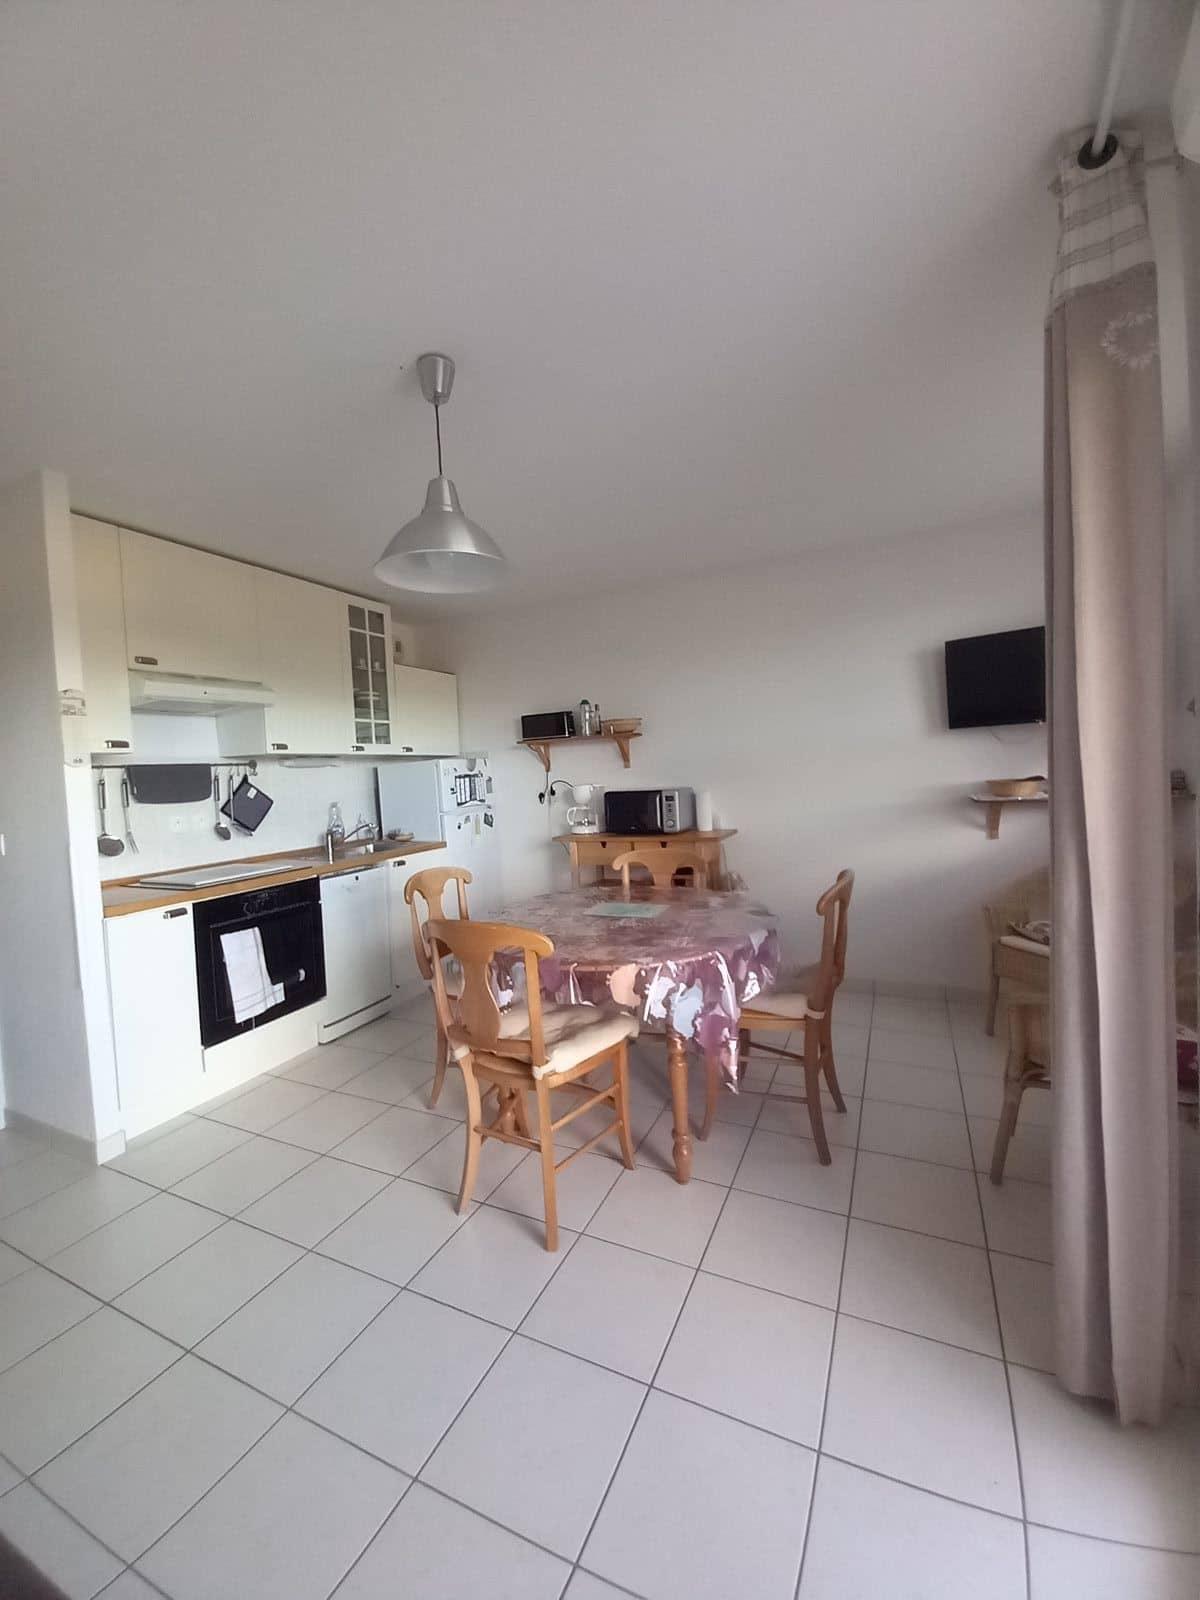 20210705 112343 - SAINT-LEGER-LES-MELEZES T2 DE 42 m² (4 COUCHAGES) AVEC JARDIN